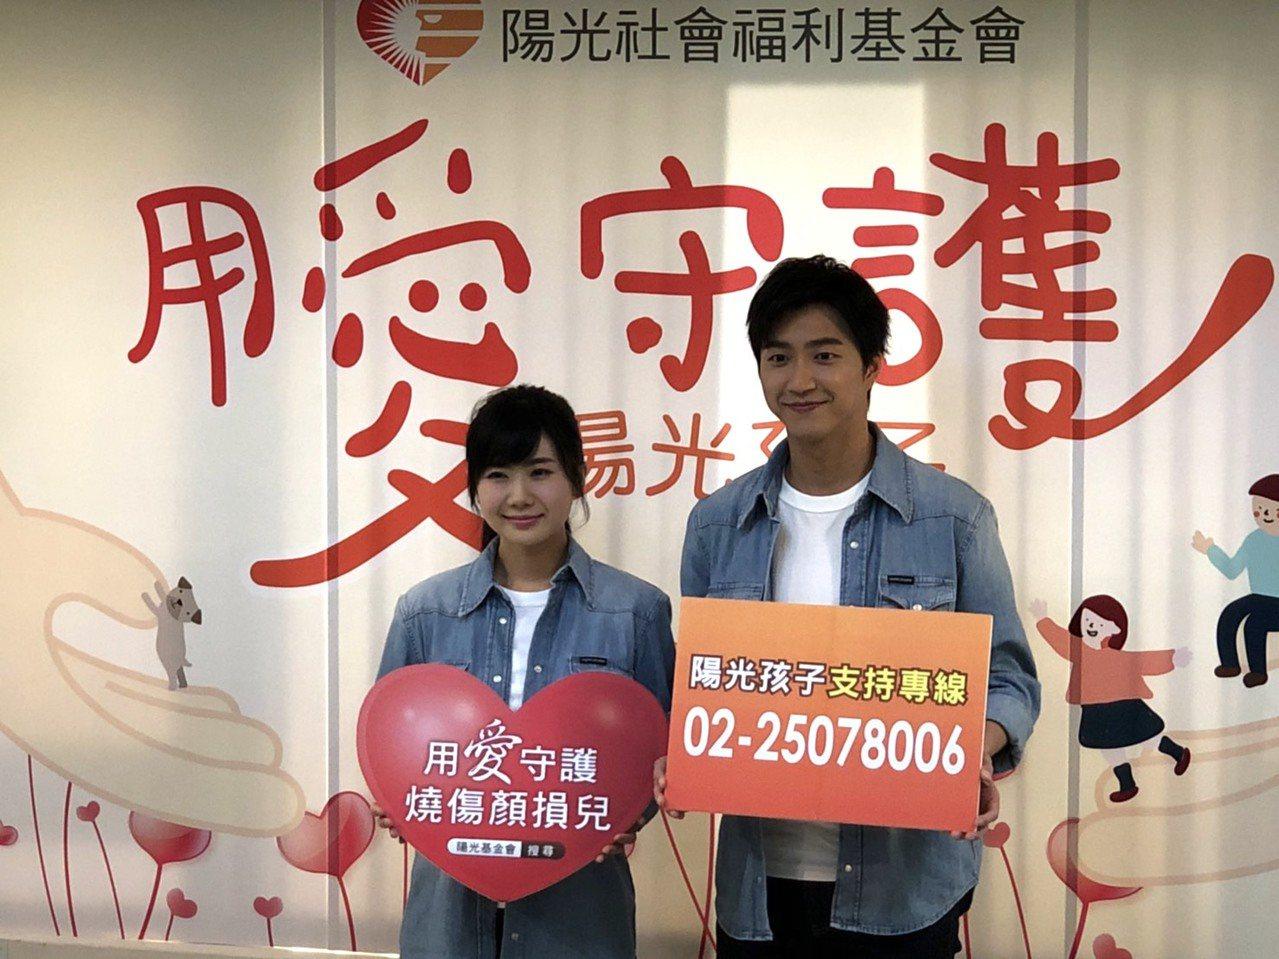 桌壇銀色夫妻檔江宏傑、福原愛為陽光基金會拍攝公益平面廣告。記者劉肇育/攝影